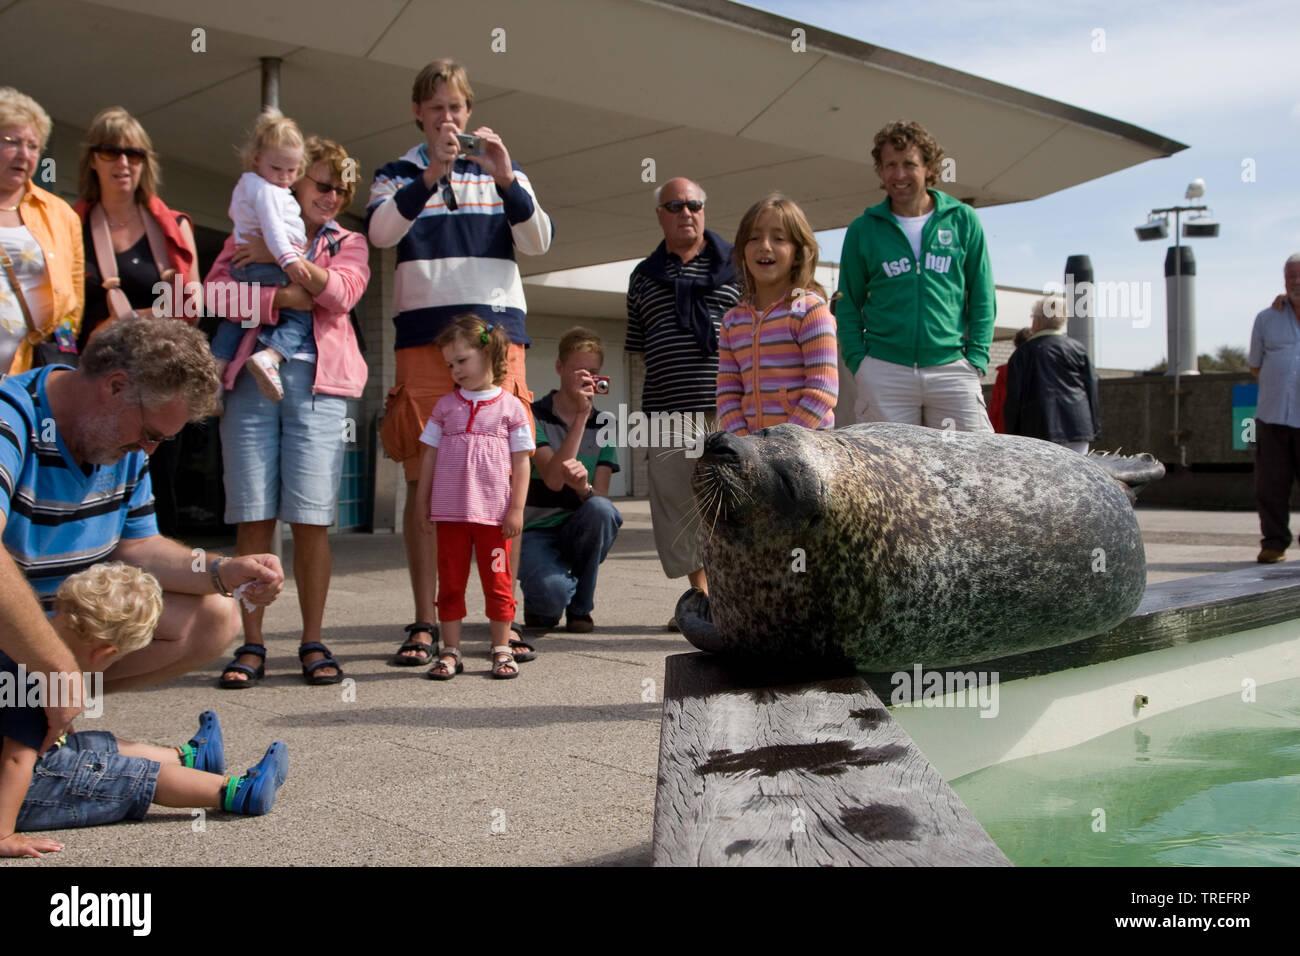 Seehund, See-Hund (Phoca vitulina), doest am Beckenrand und wird von Zoobesuchern bestaunt | harbor seal, common seal (Phoca vitulina), snoozing at th - Stock Image